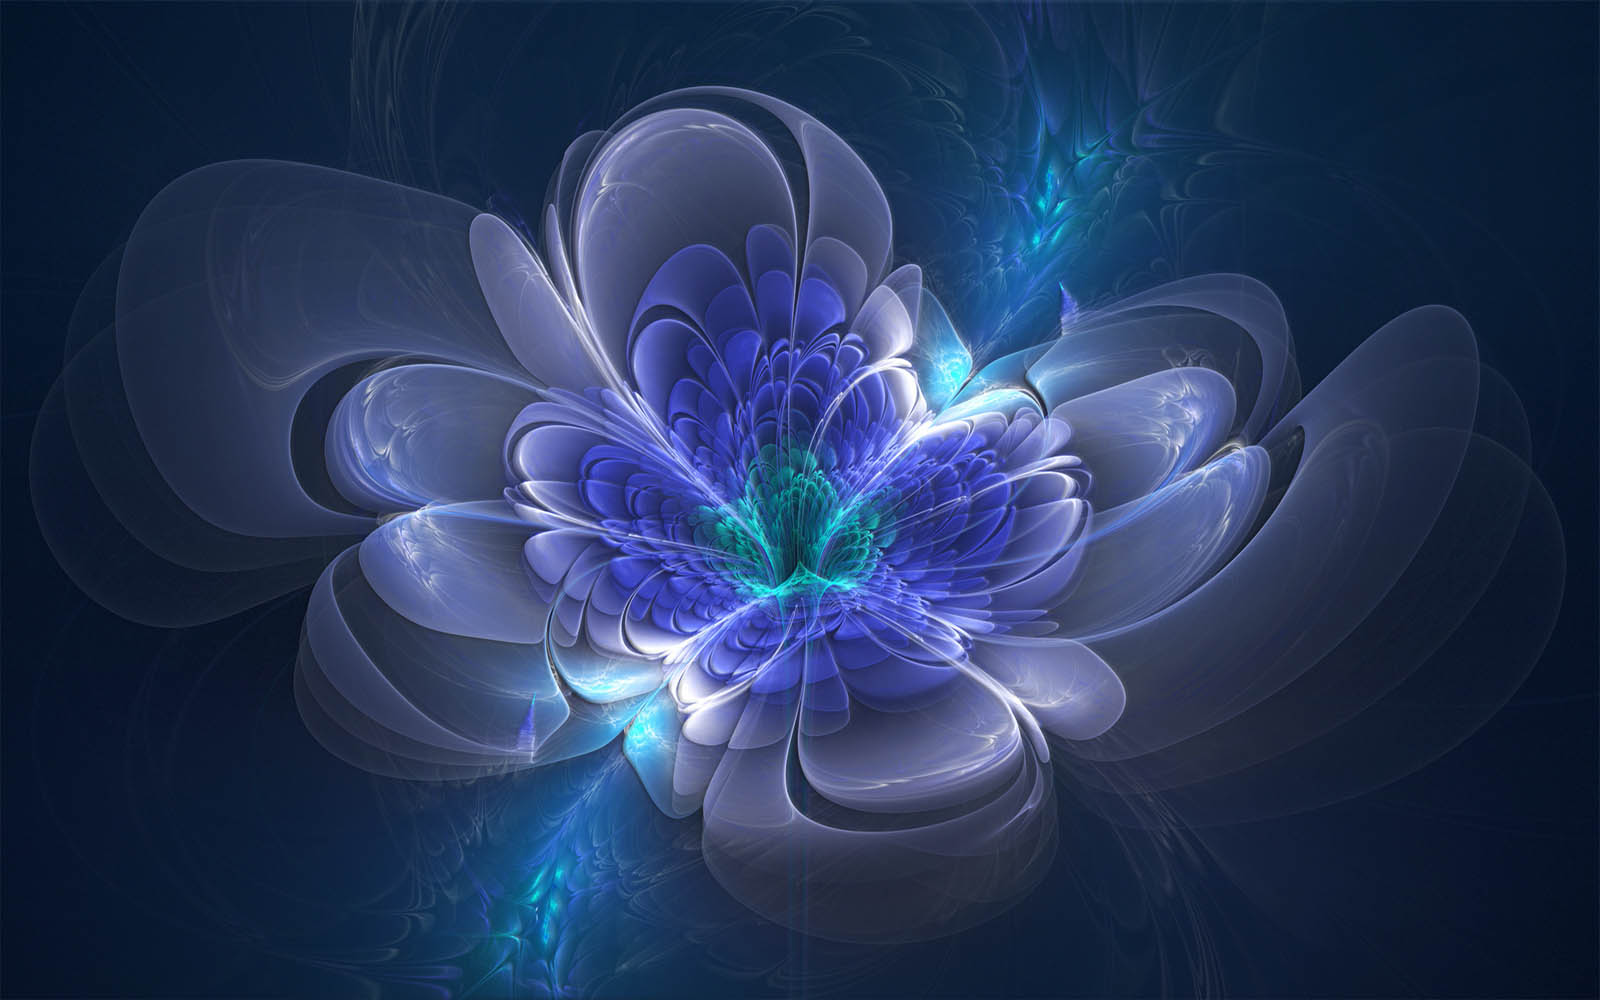 http://3.bp.blogspot.com/-zdYkQSbwuE0/UQZ2MhpH2AI/AAAAAAAARt0/tAMu-AALTVA/s1600/Blue+3D+Wallpapers+09.jpg